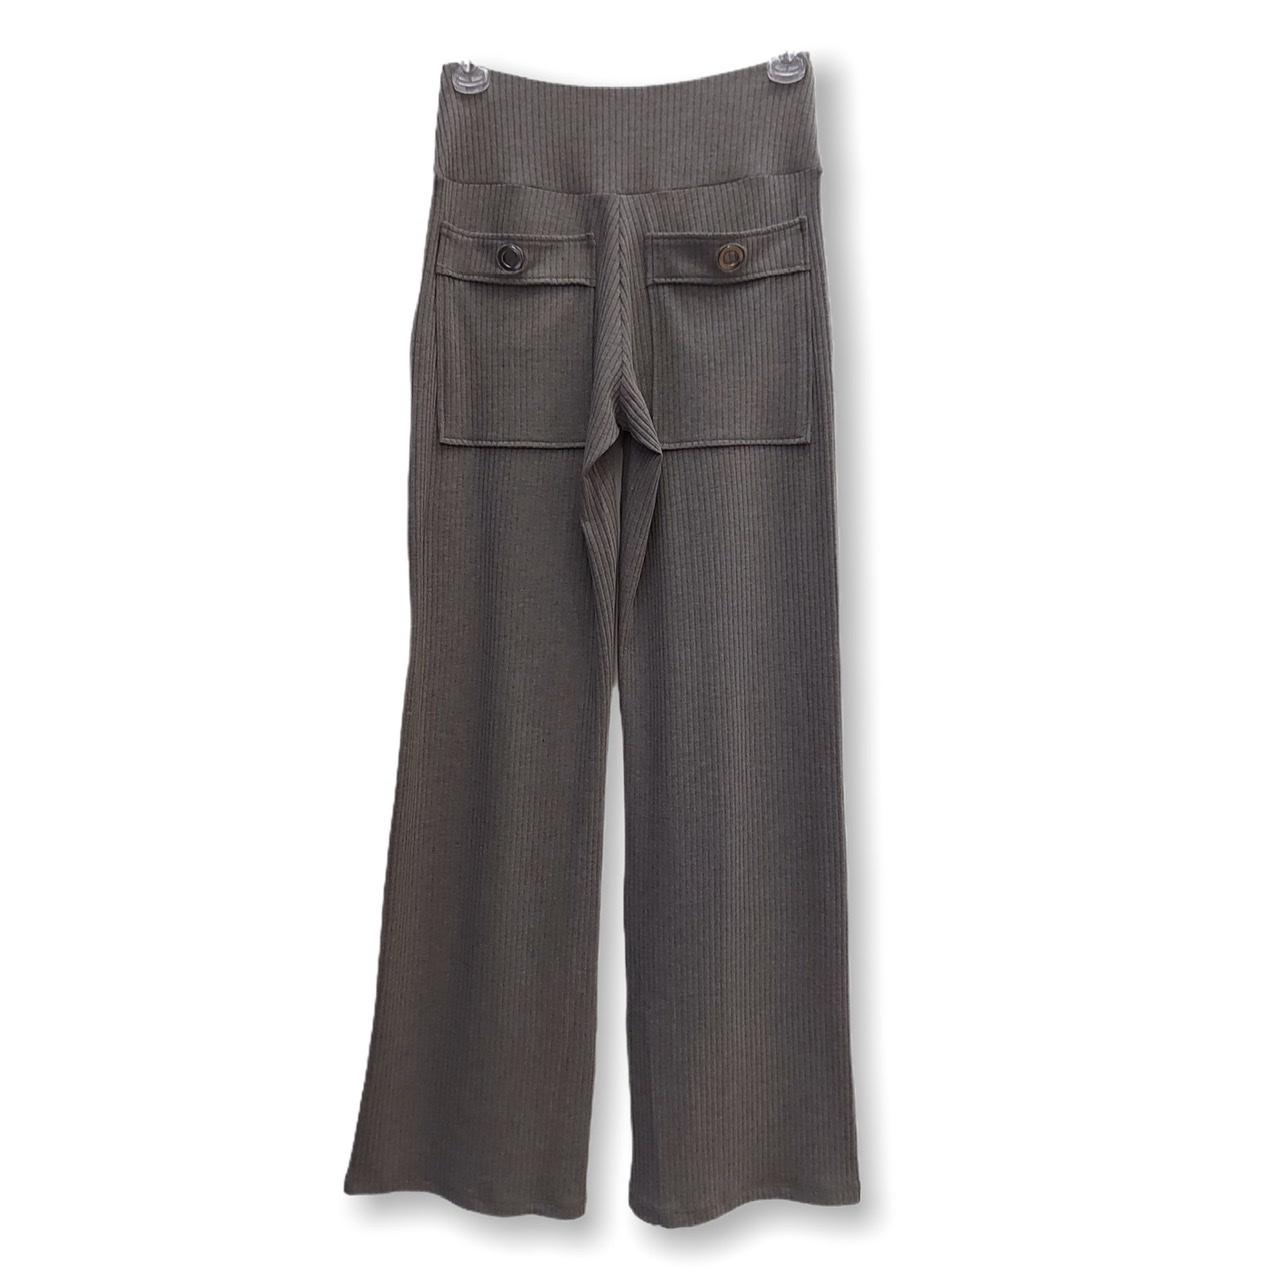 Calça canelada com ilhós nos bolsos cinza  - Vivian Bógus